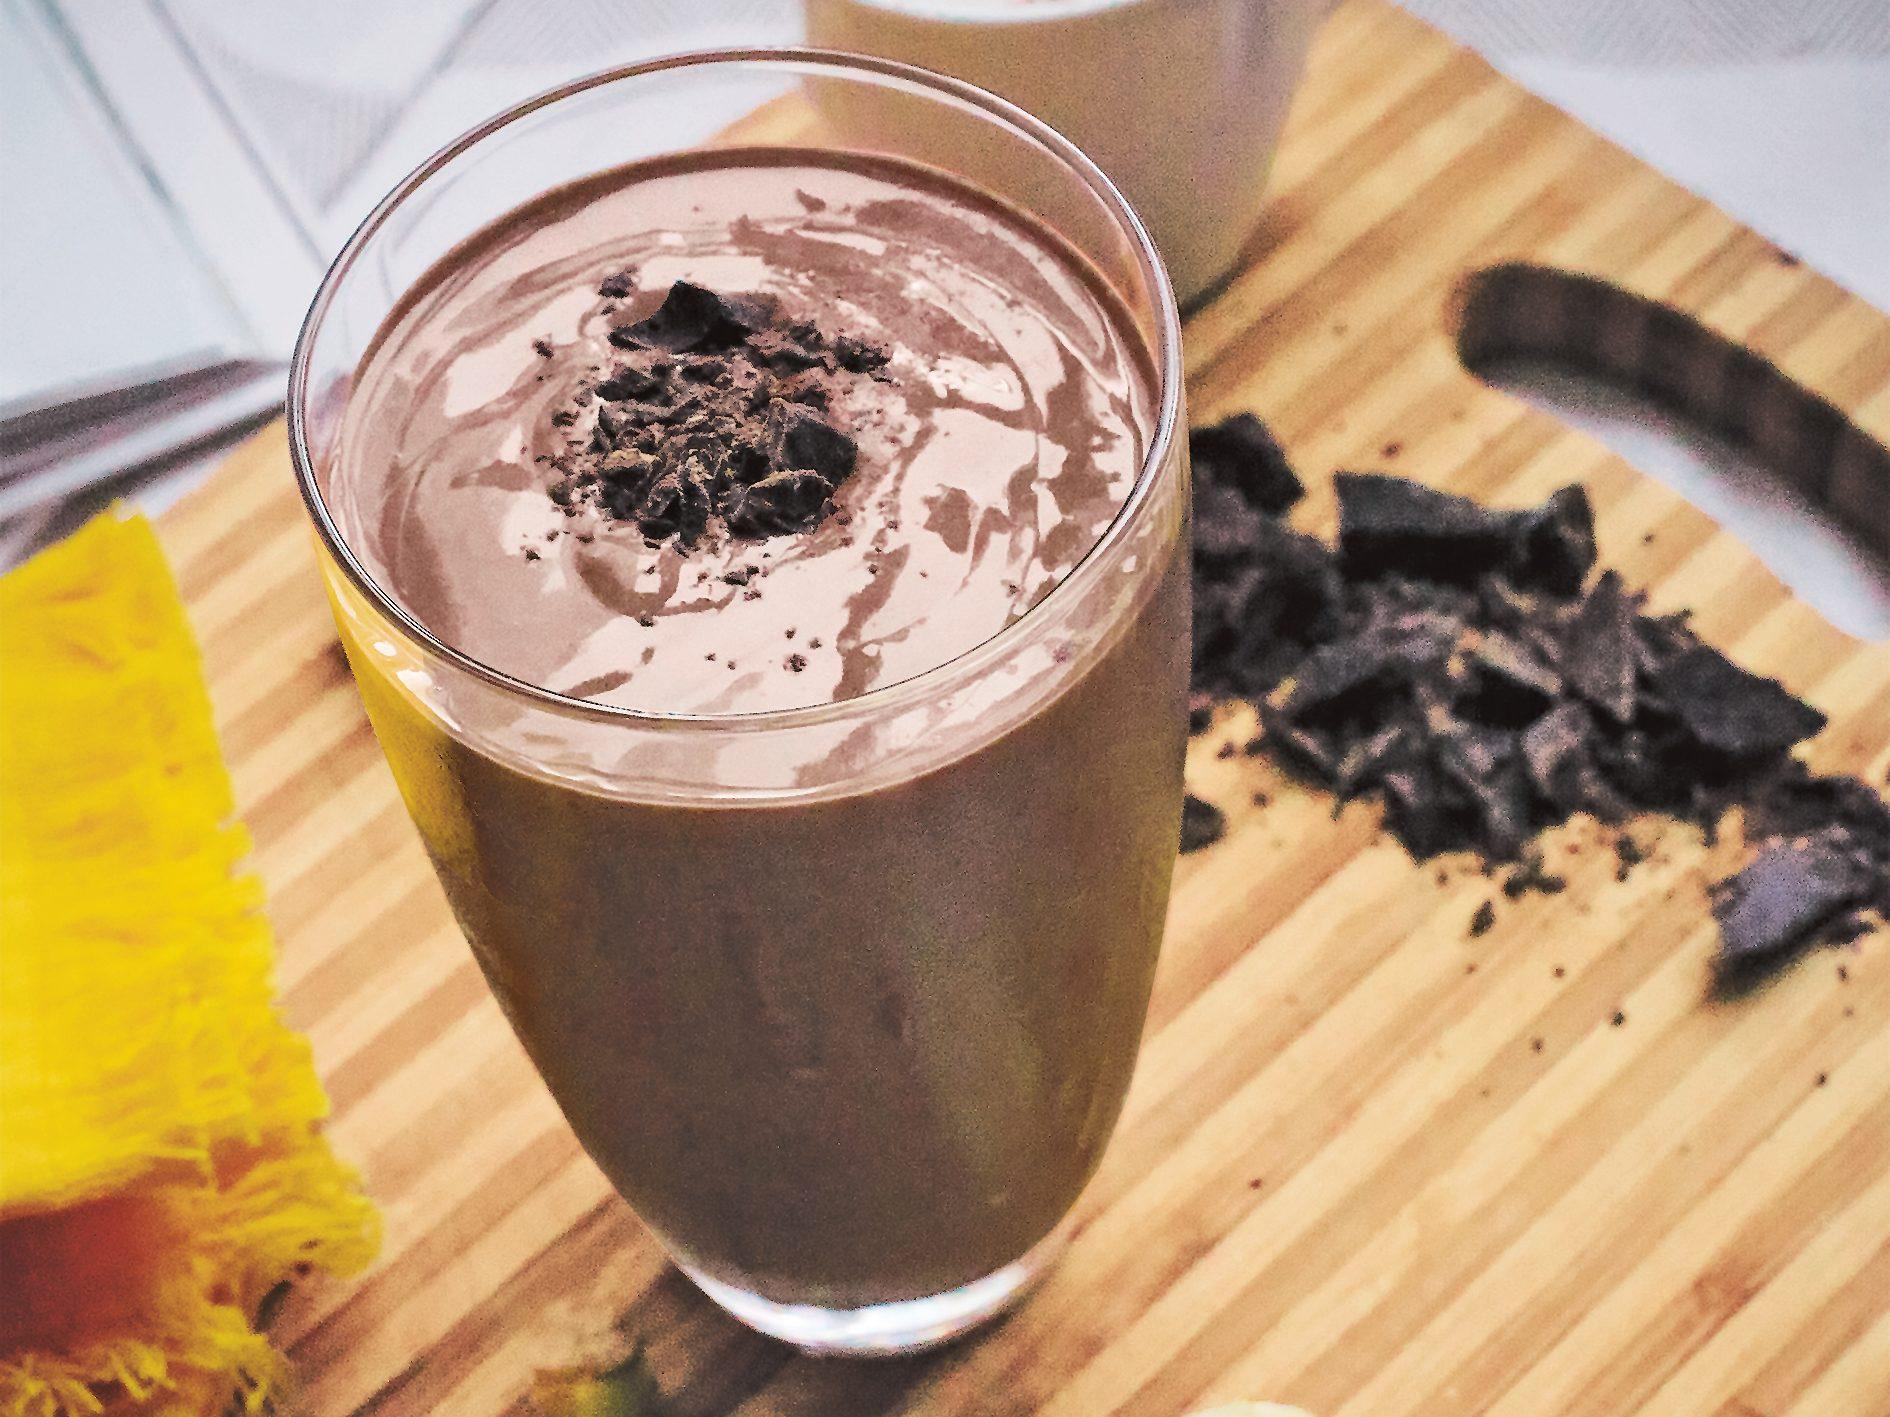 Choco-Bananachino Smoothie